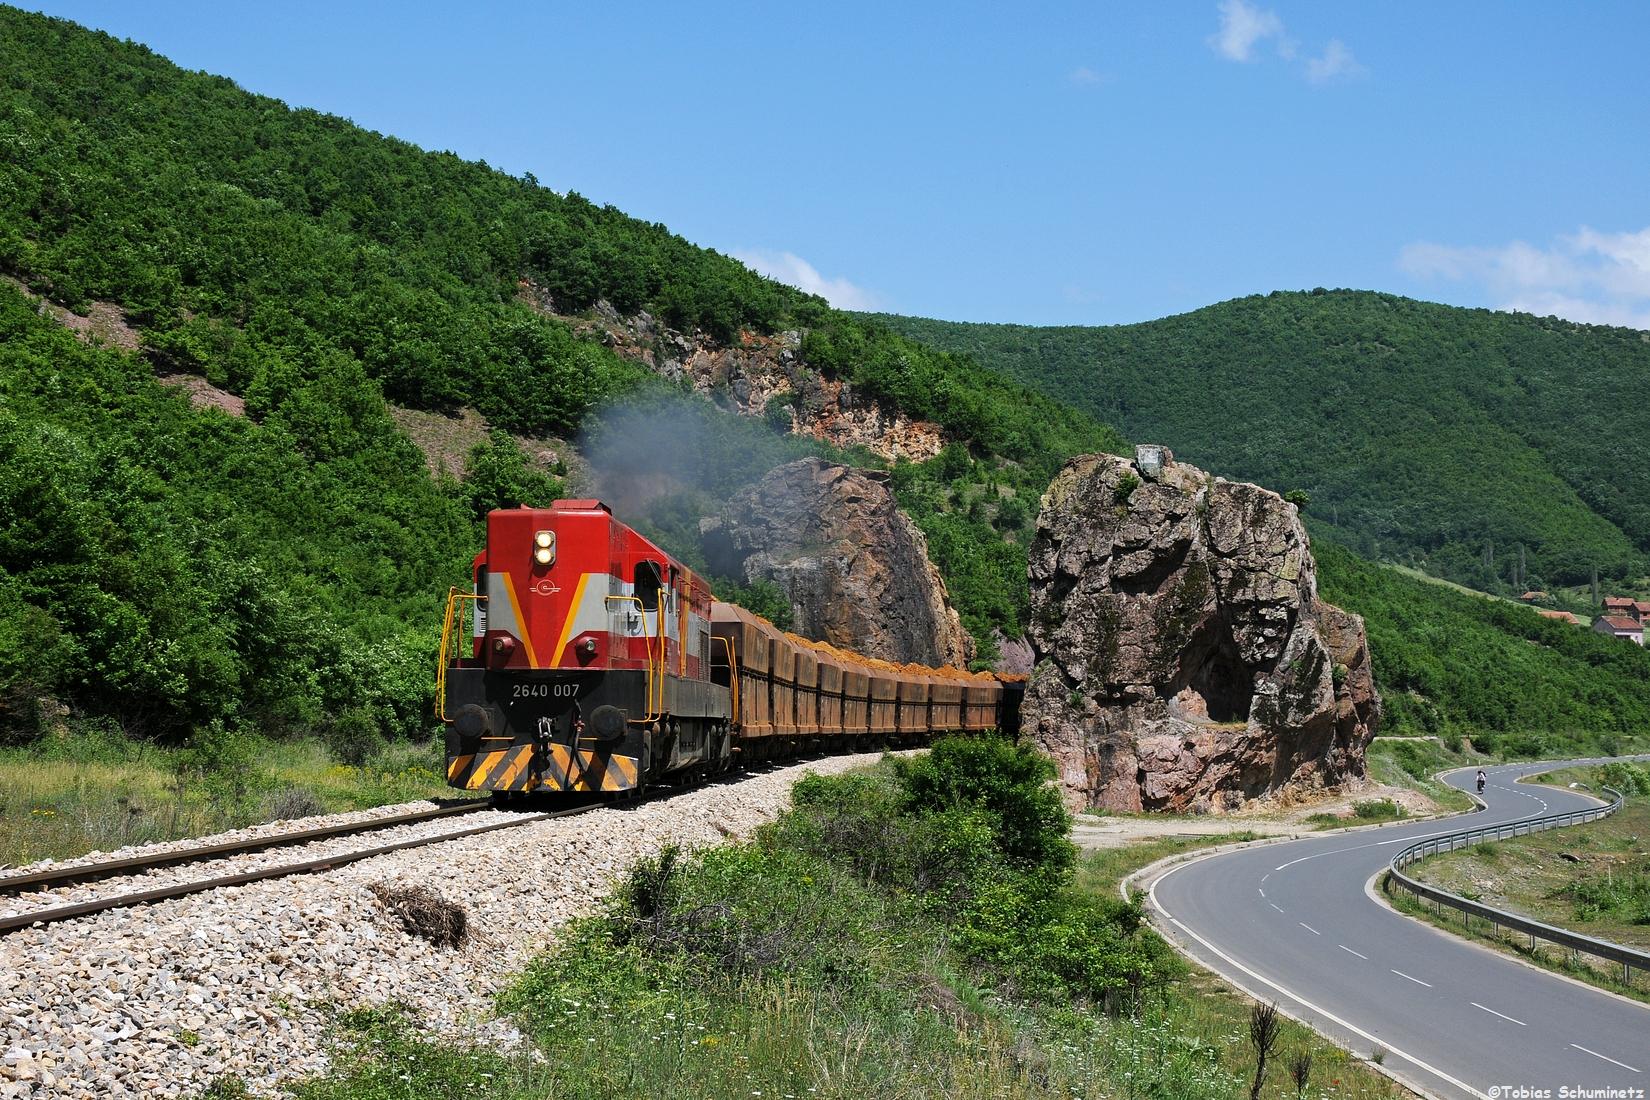 """Wir verfolgten den Zug und an der """"Alten Frau"""", wie sich diese Felsformation nennt, konnten wir ihn ein weiteres Mal umsetzen. Es ist eins meiner Lieblingsbilder aus dem Kosovo geworden."""